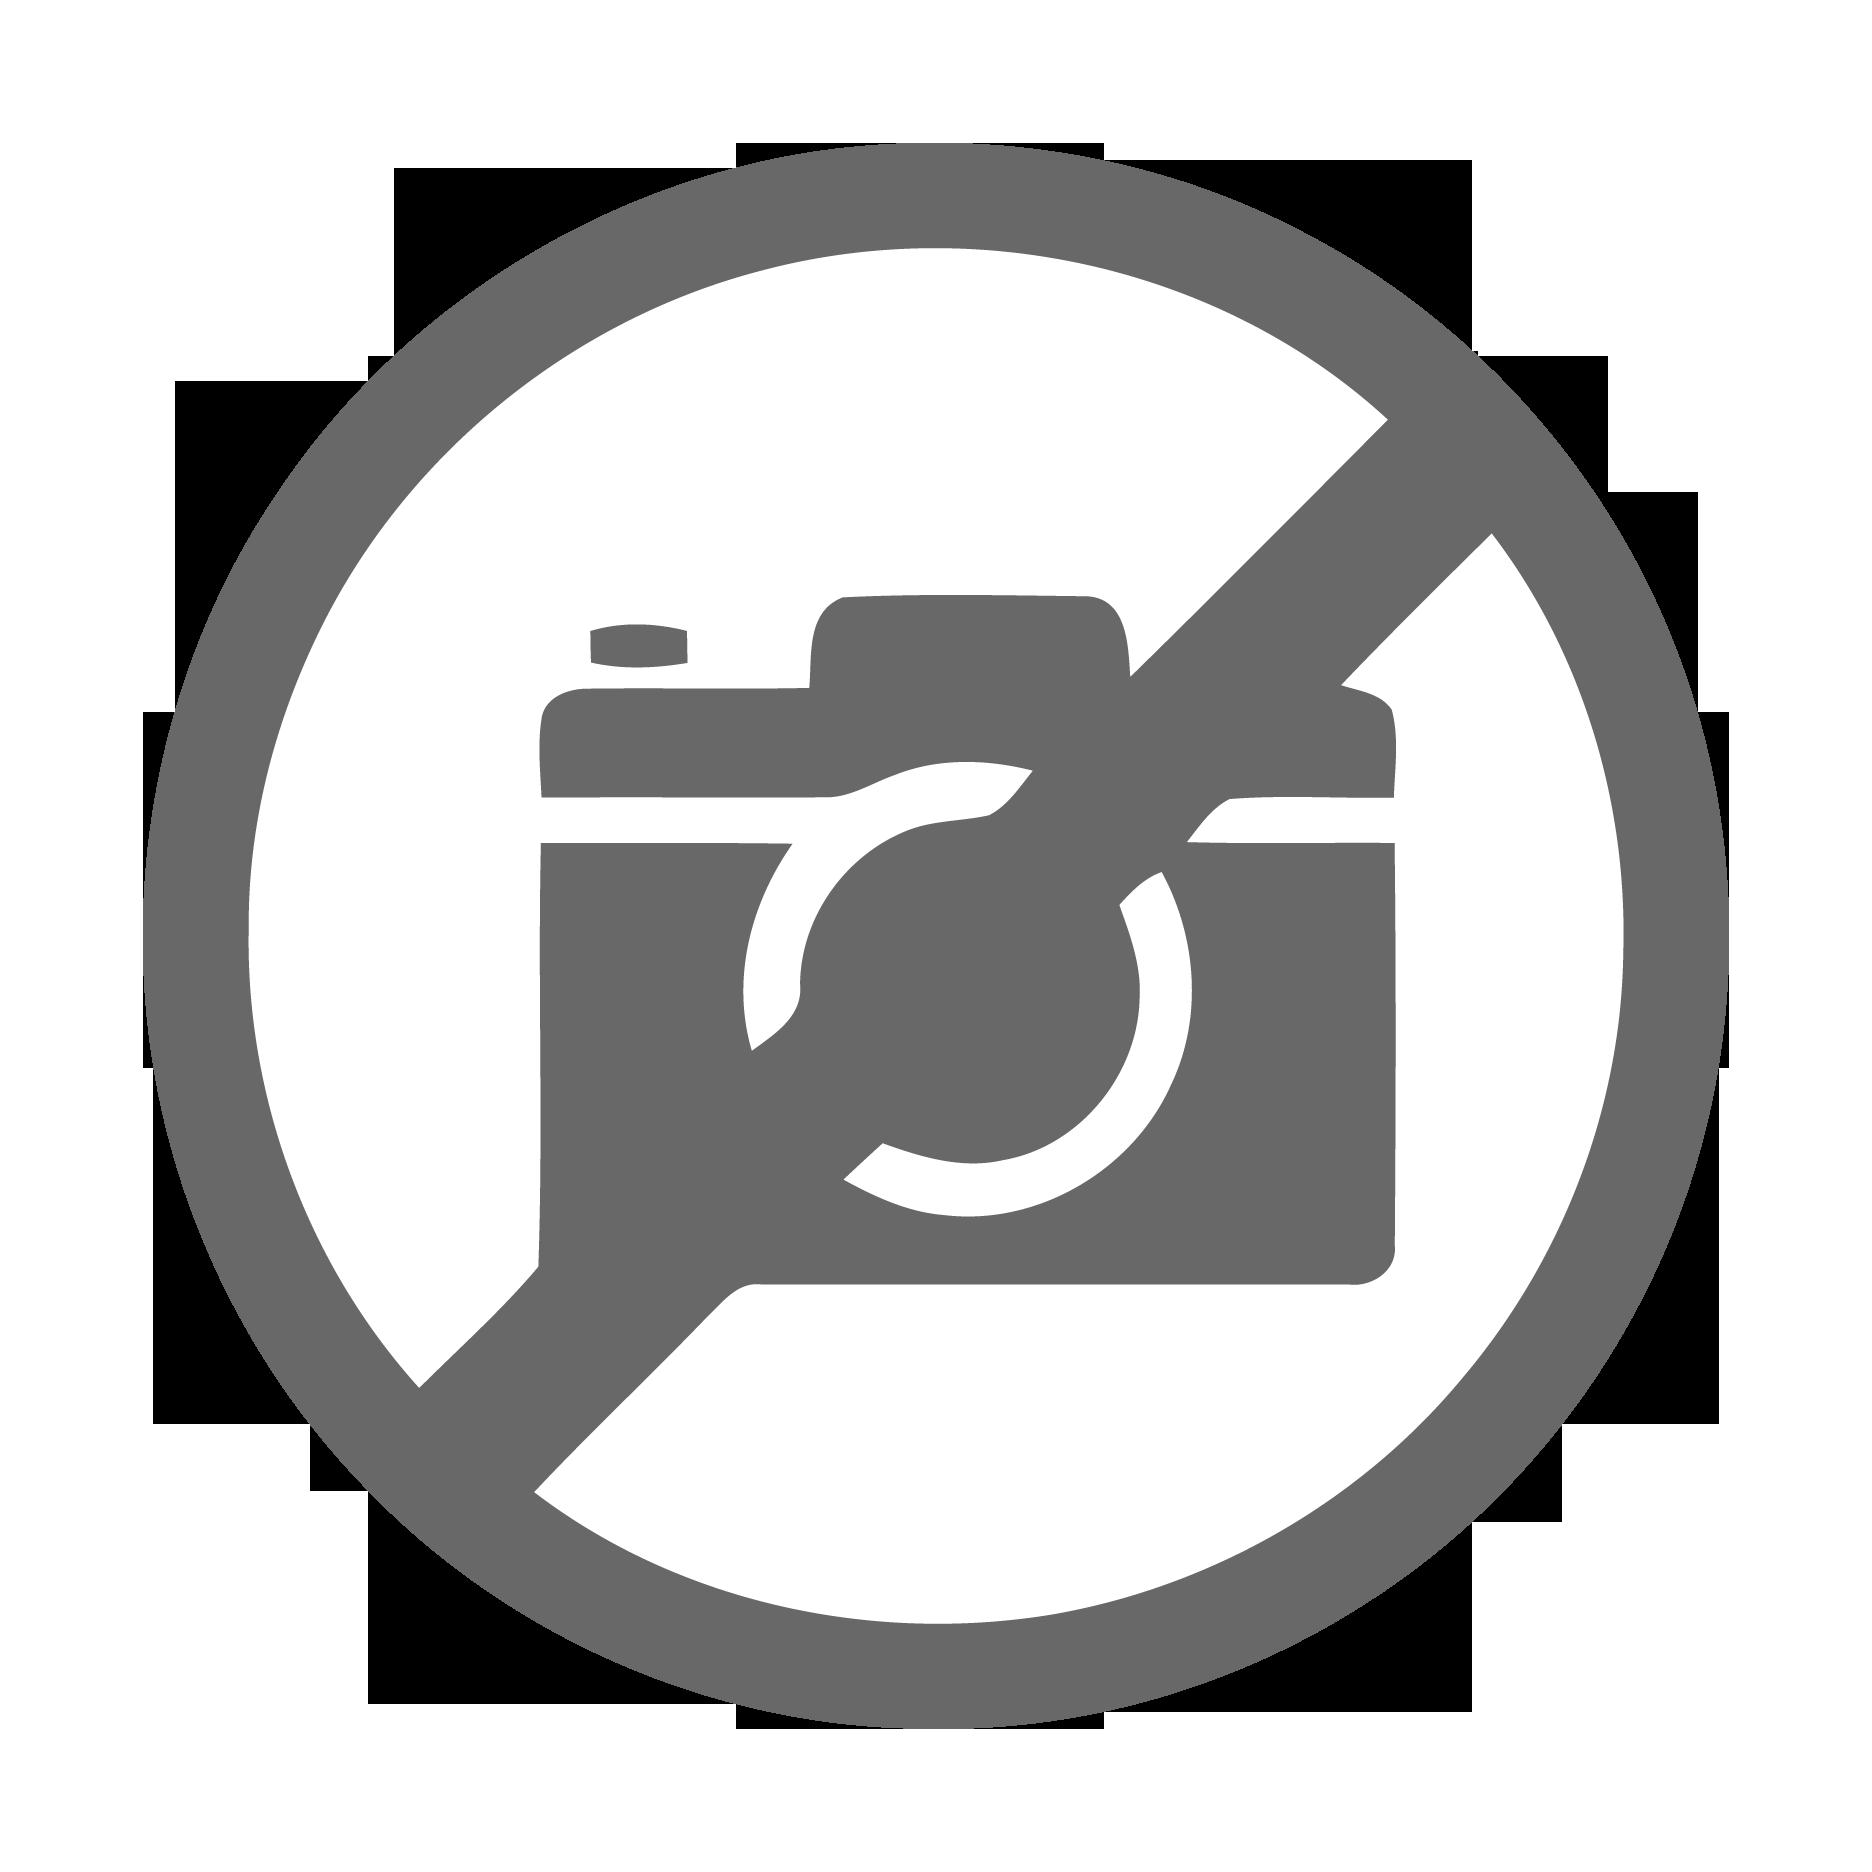 Дантелени чорапки на линии и точки